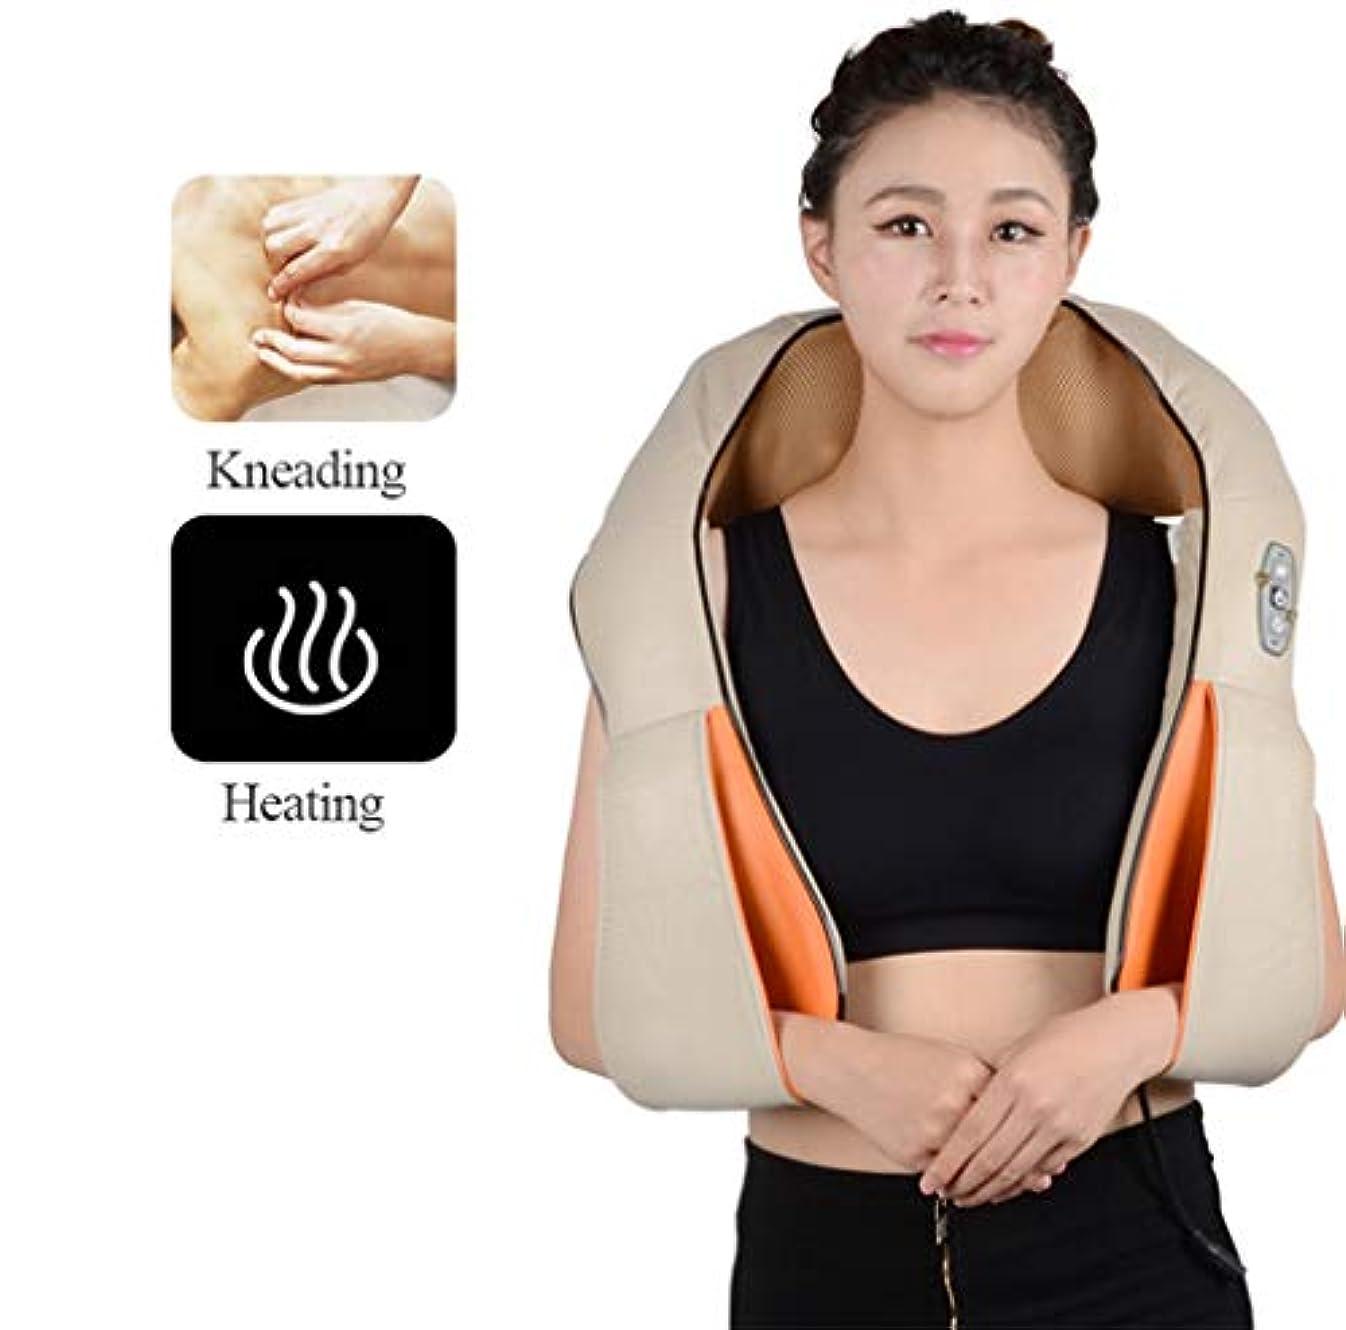 皿コーナースケッチ男性のためのギフトのための熱い - 指圧の首のマッサージャーが付いている首の肩の背中のマッサージャー女性のママのお父さん - 筋肉のための深い混練のマッサージ車のオフィスおよび家のリラックス